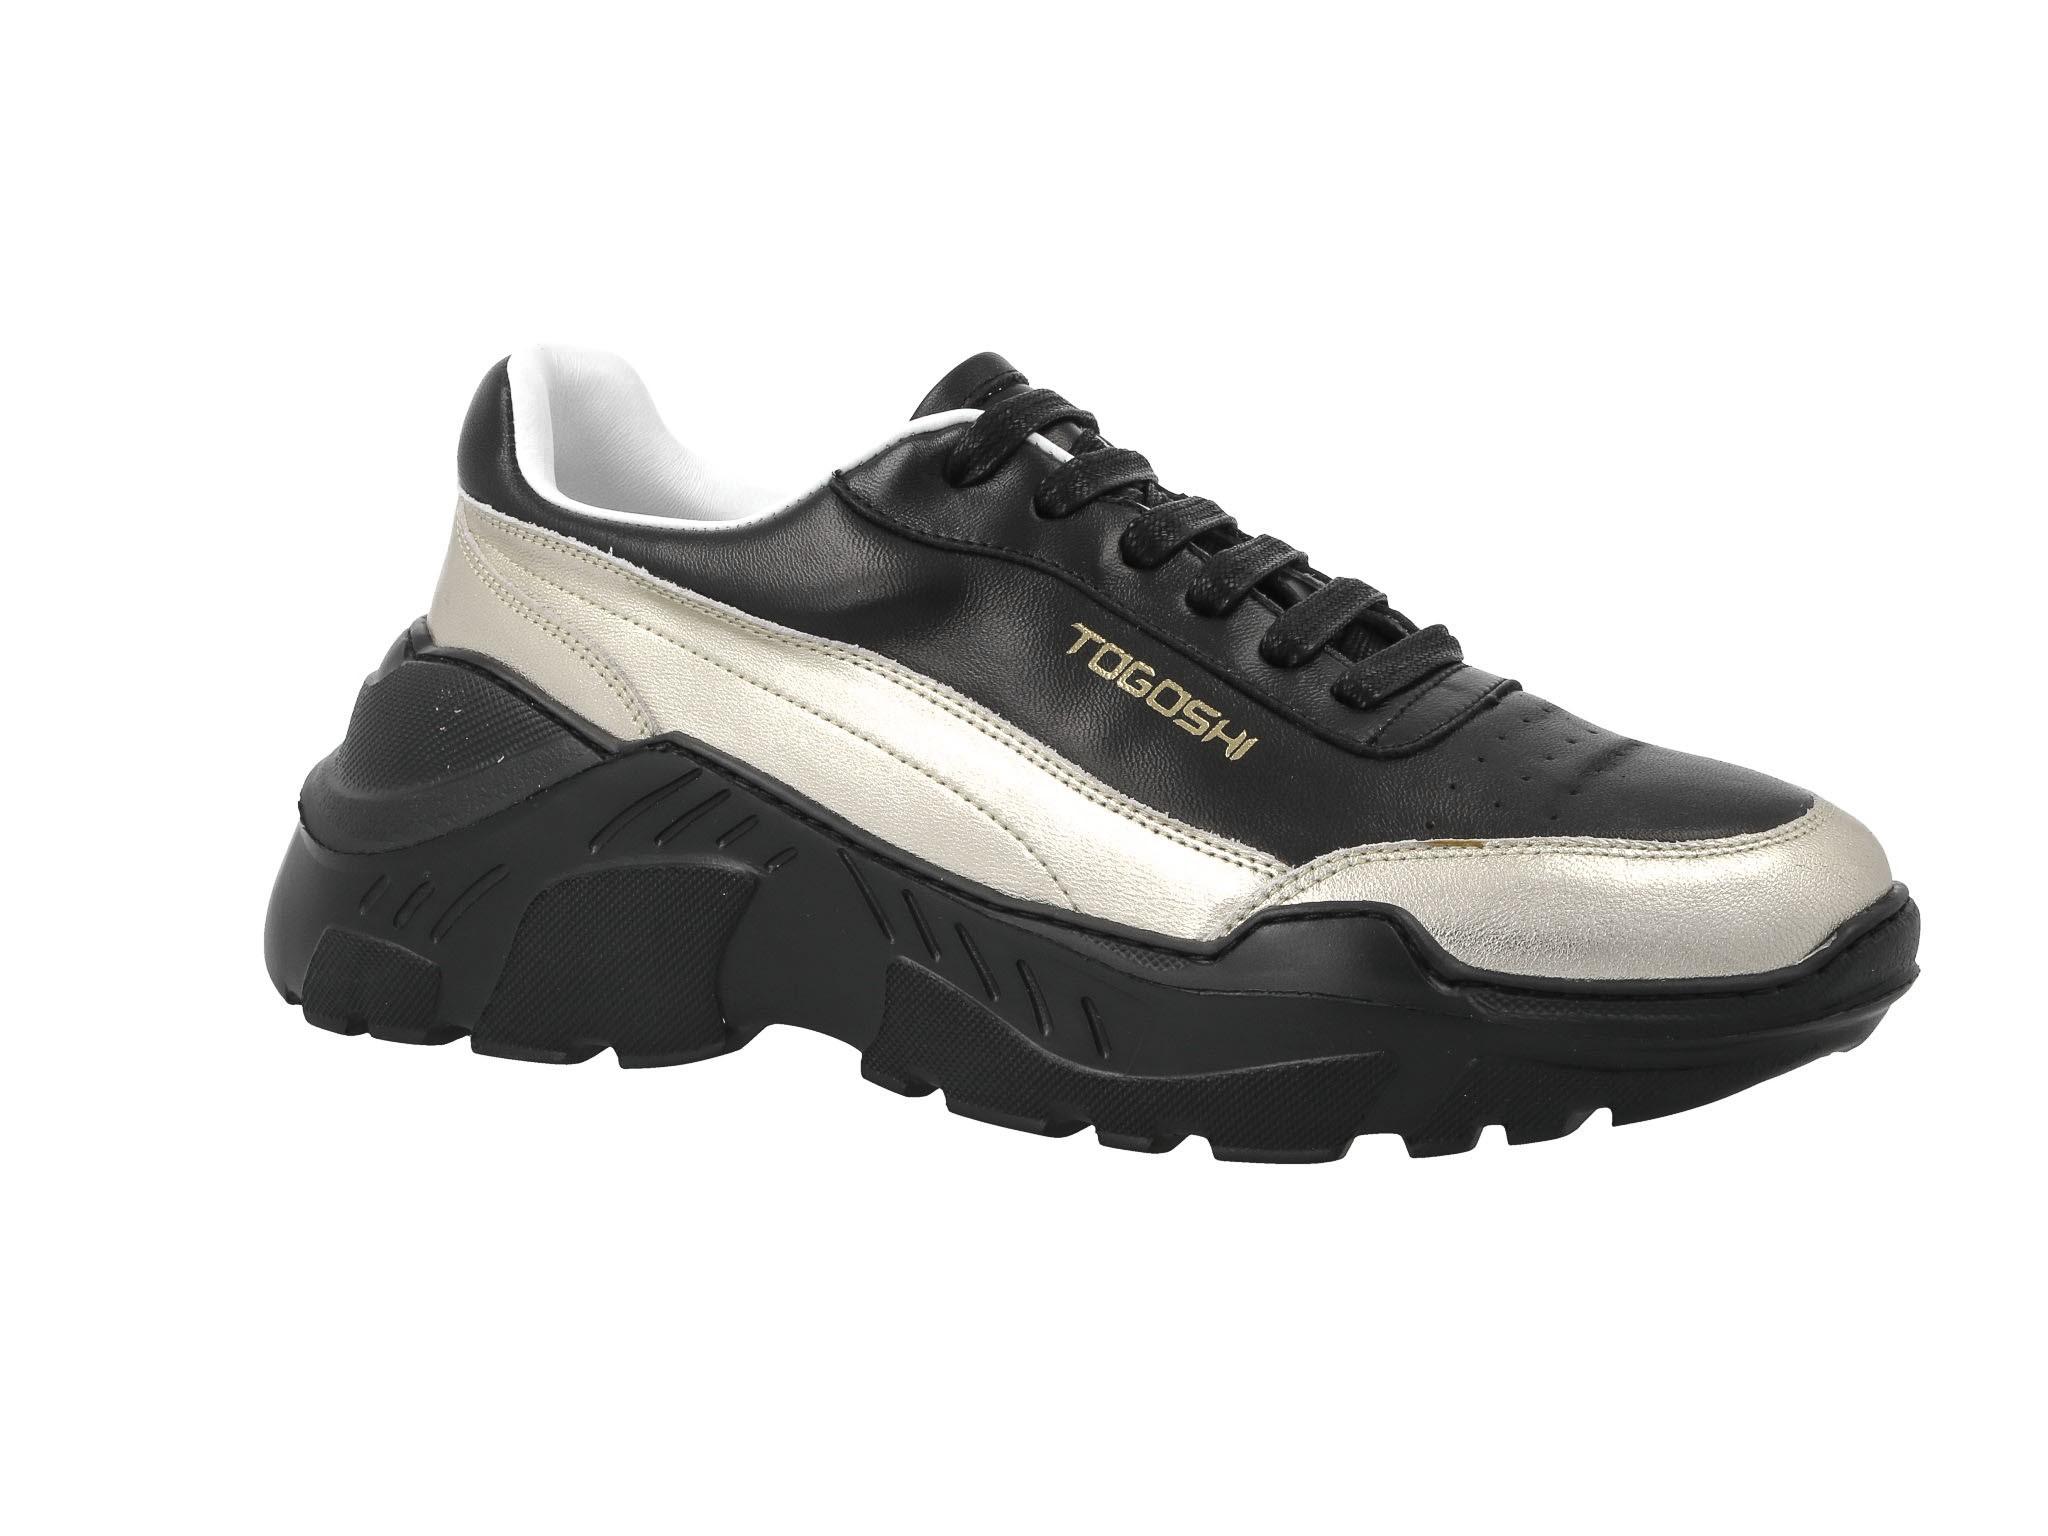 Sportcipő TOGOSHI - TG-11-02-000060 112 - Sneakers - Félcipő - Női